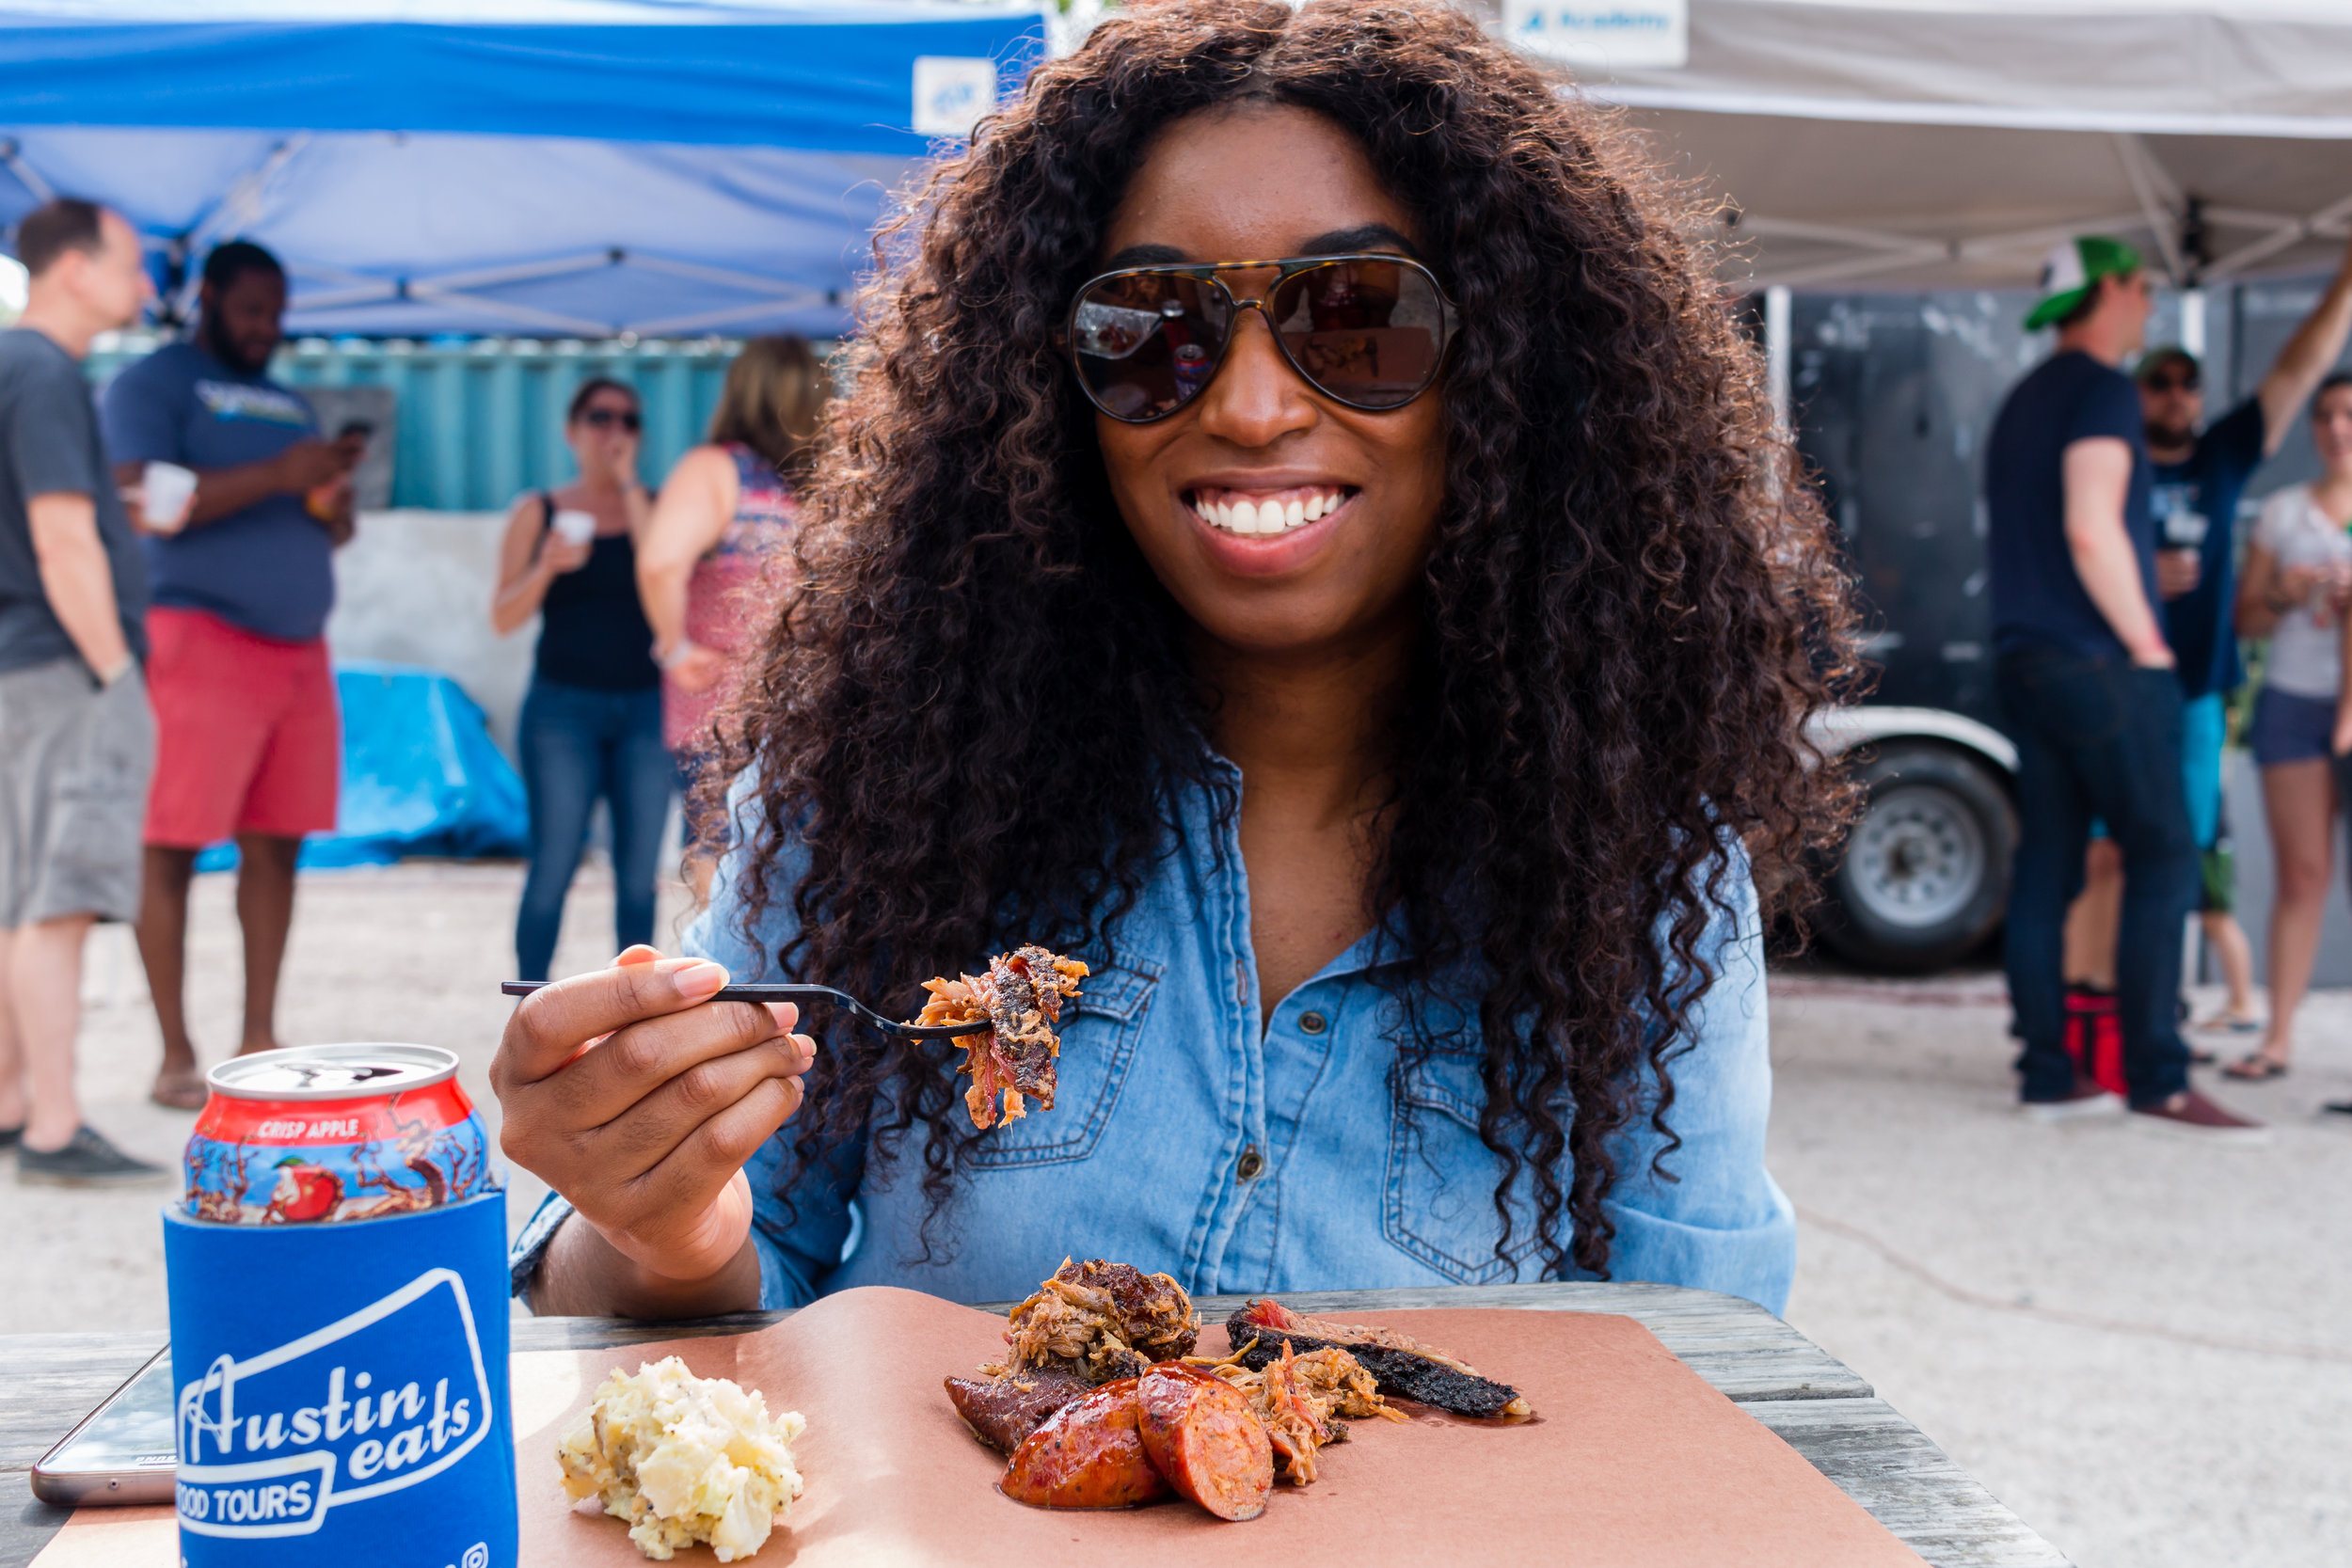 austin-eats-food-truck-tour-review-austin-texas